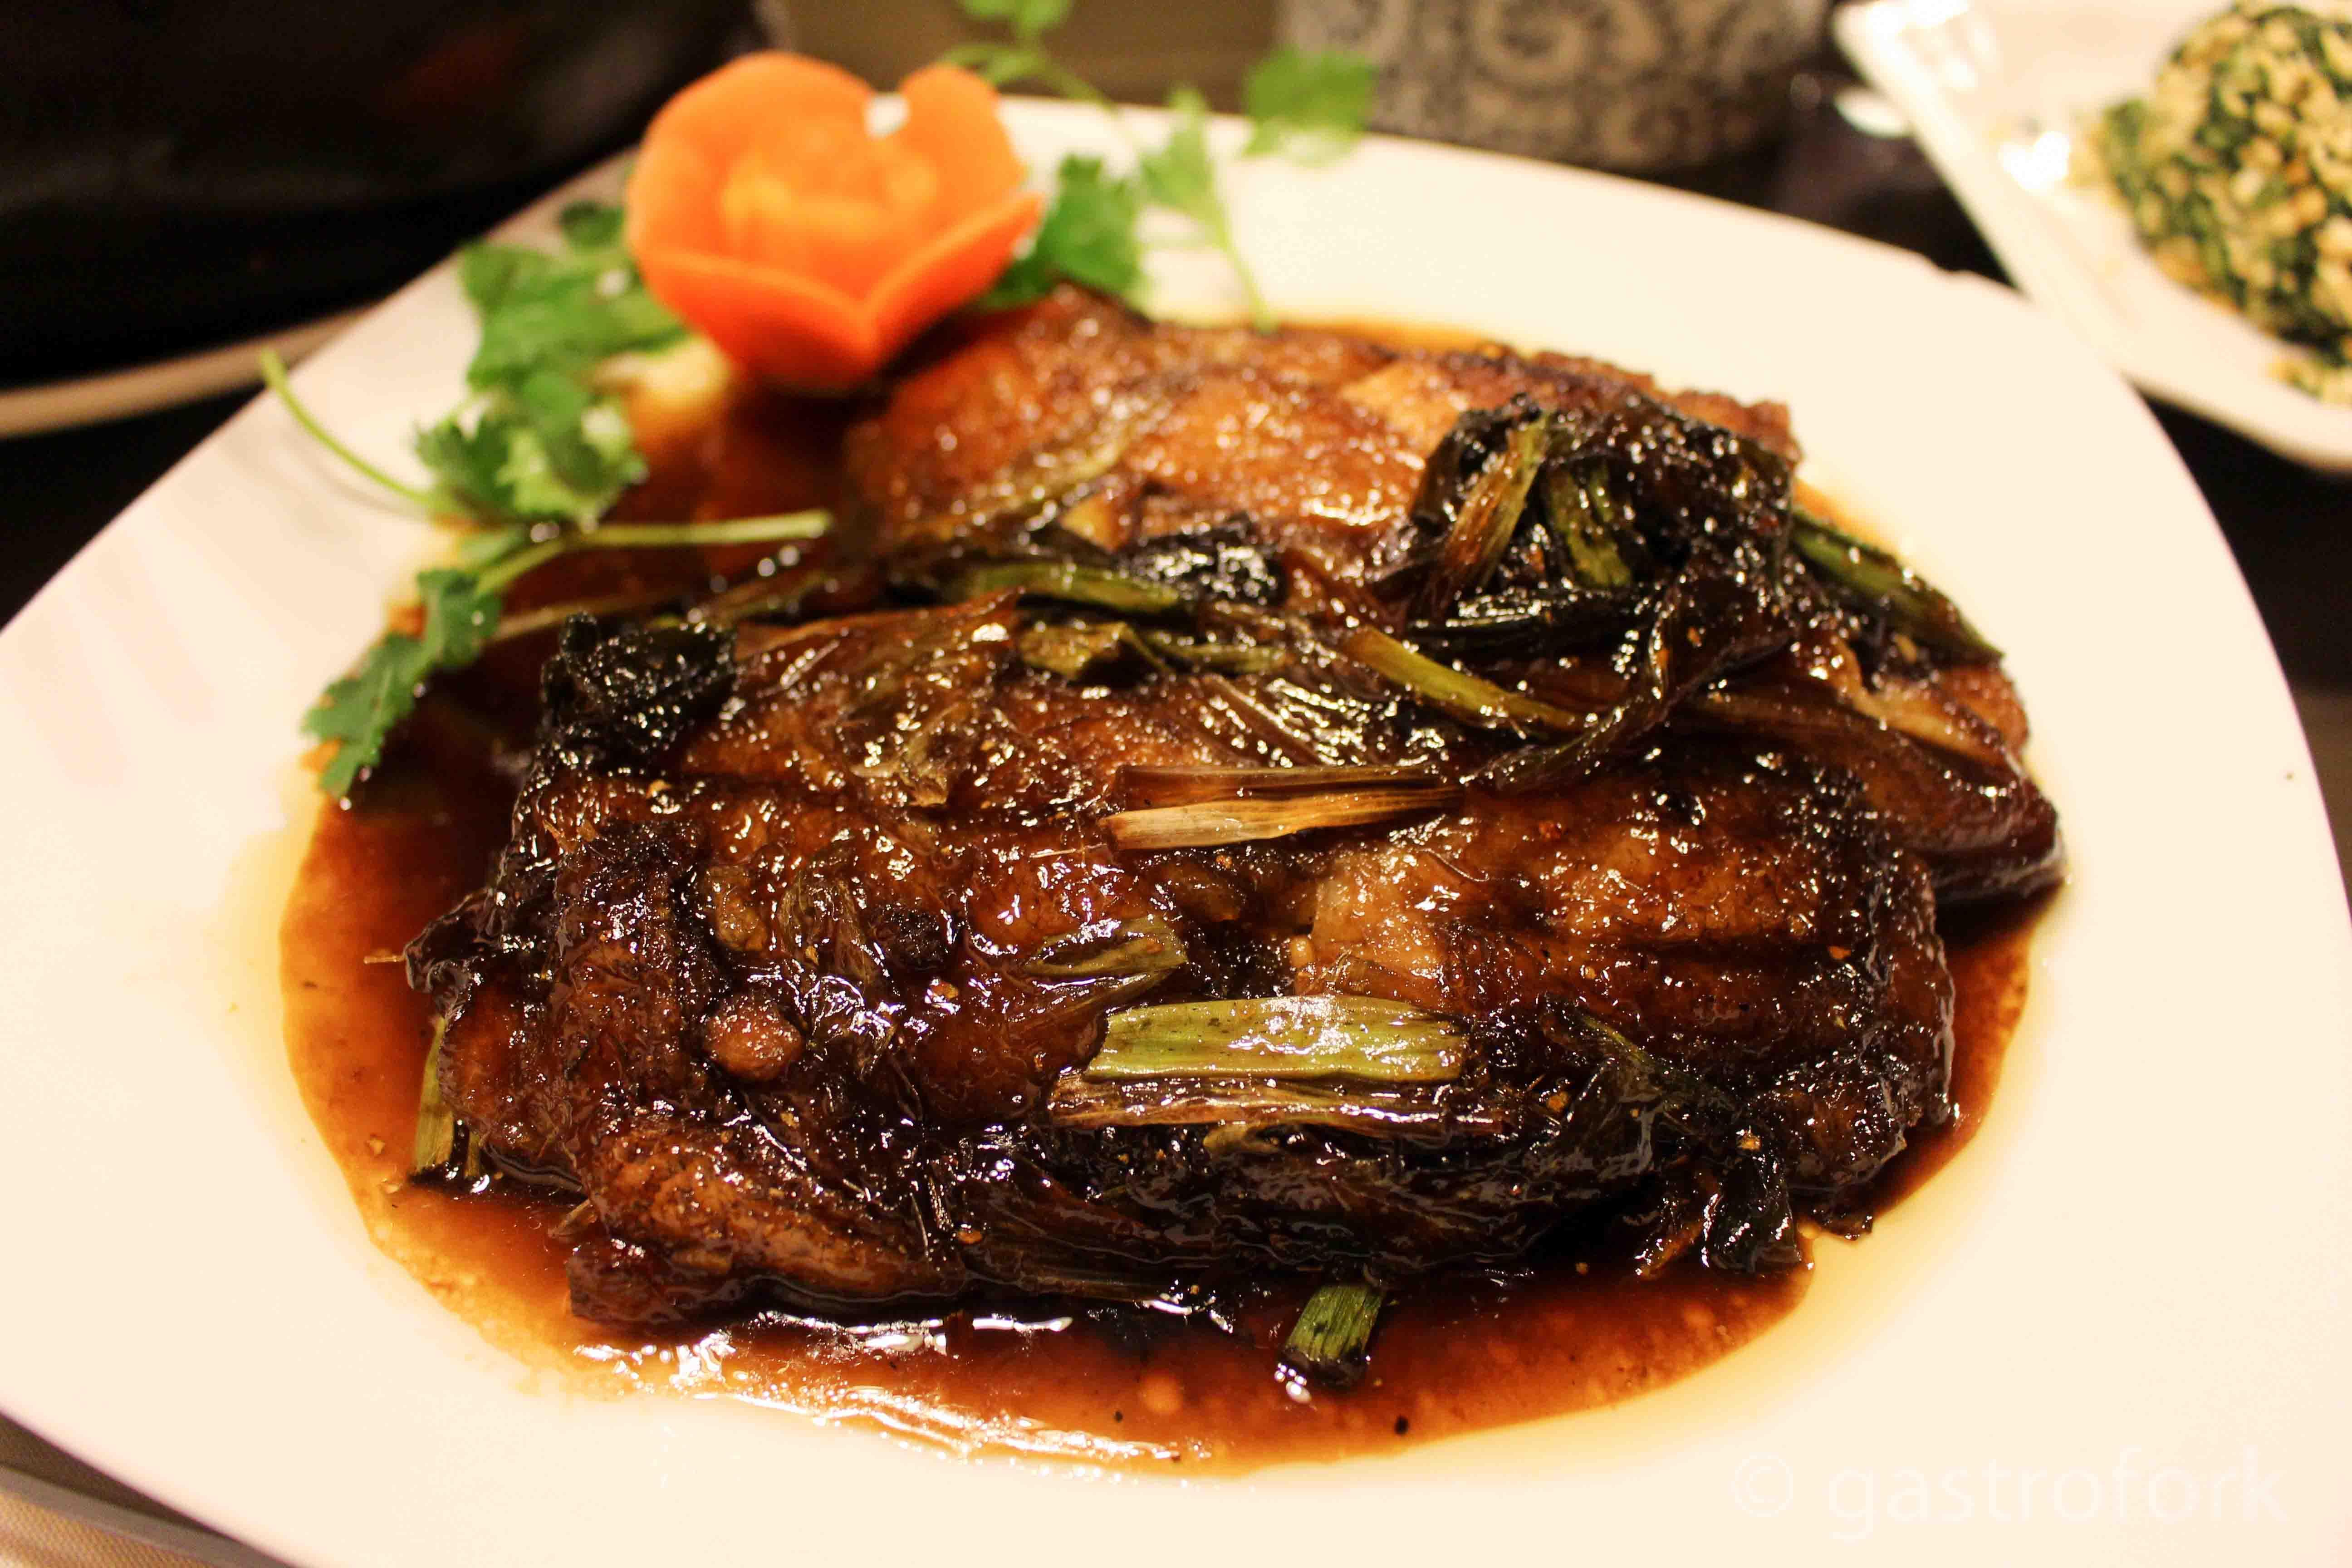 lins cuisine-9548